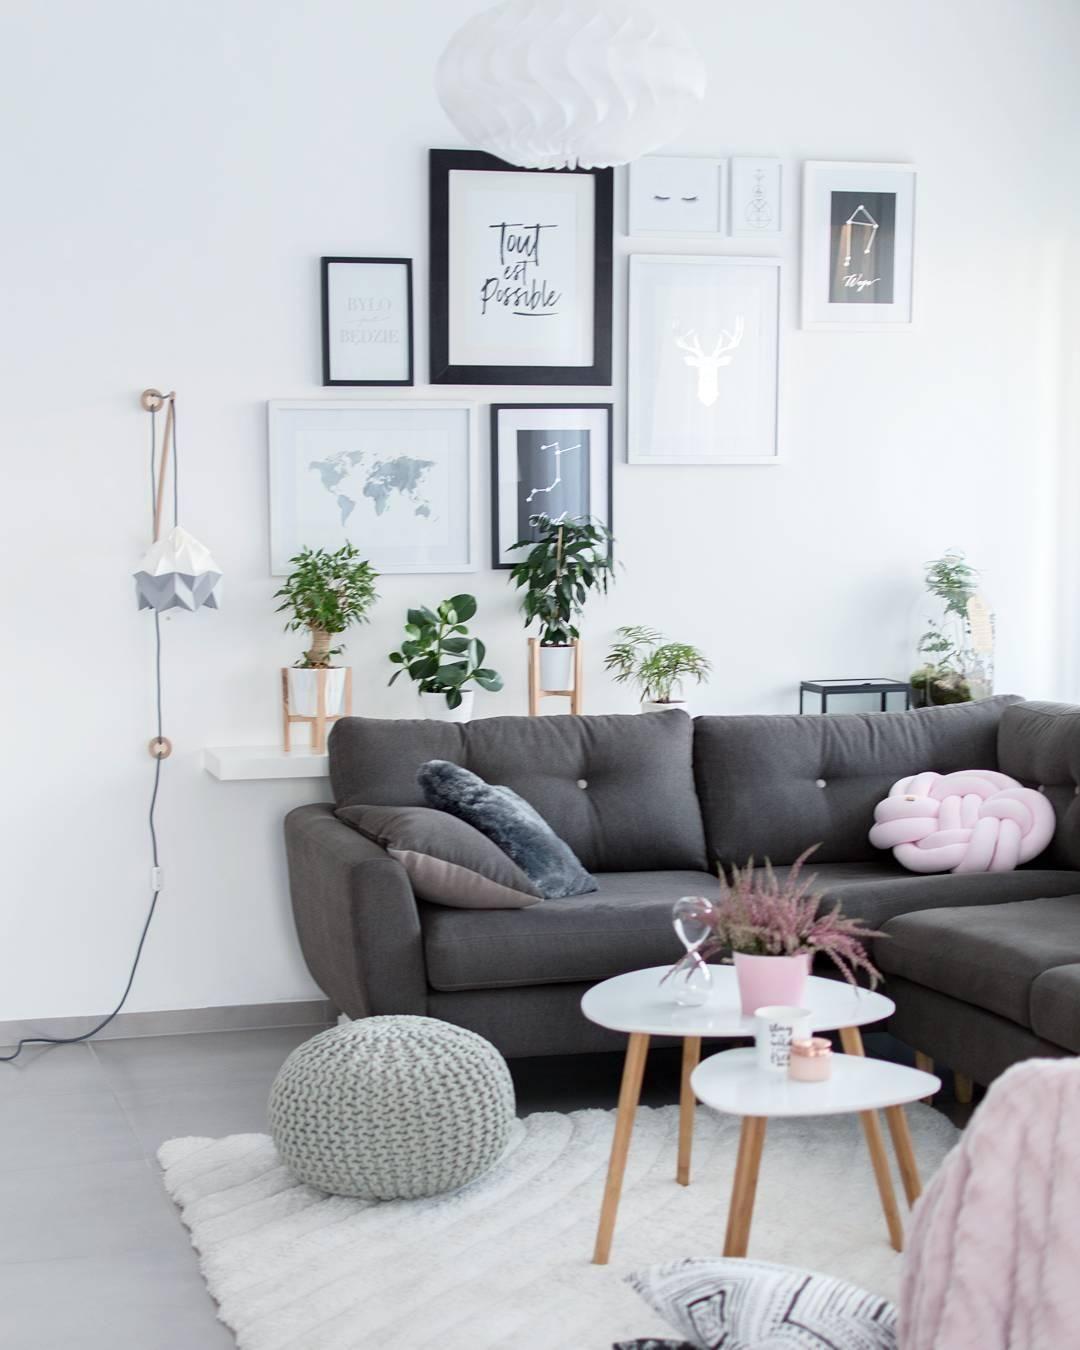 Dieses wohnzimmer ist ein wahr gewordener scandi traum ein gemütliches sofa eine einzigartige gallery wall ein trendiges knot kissen und ein stylischer